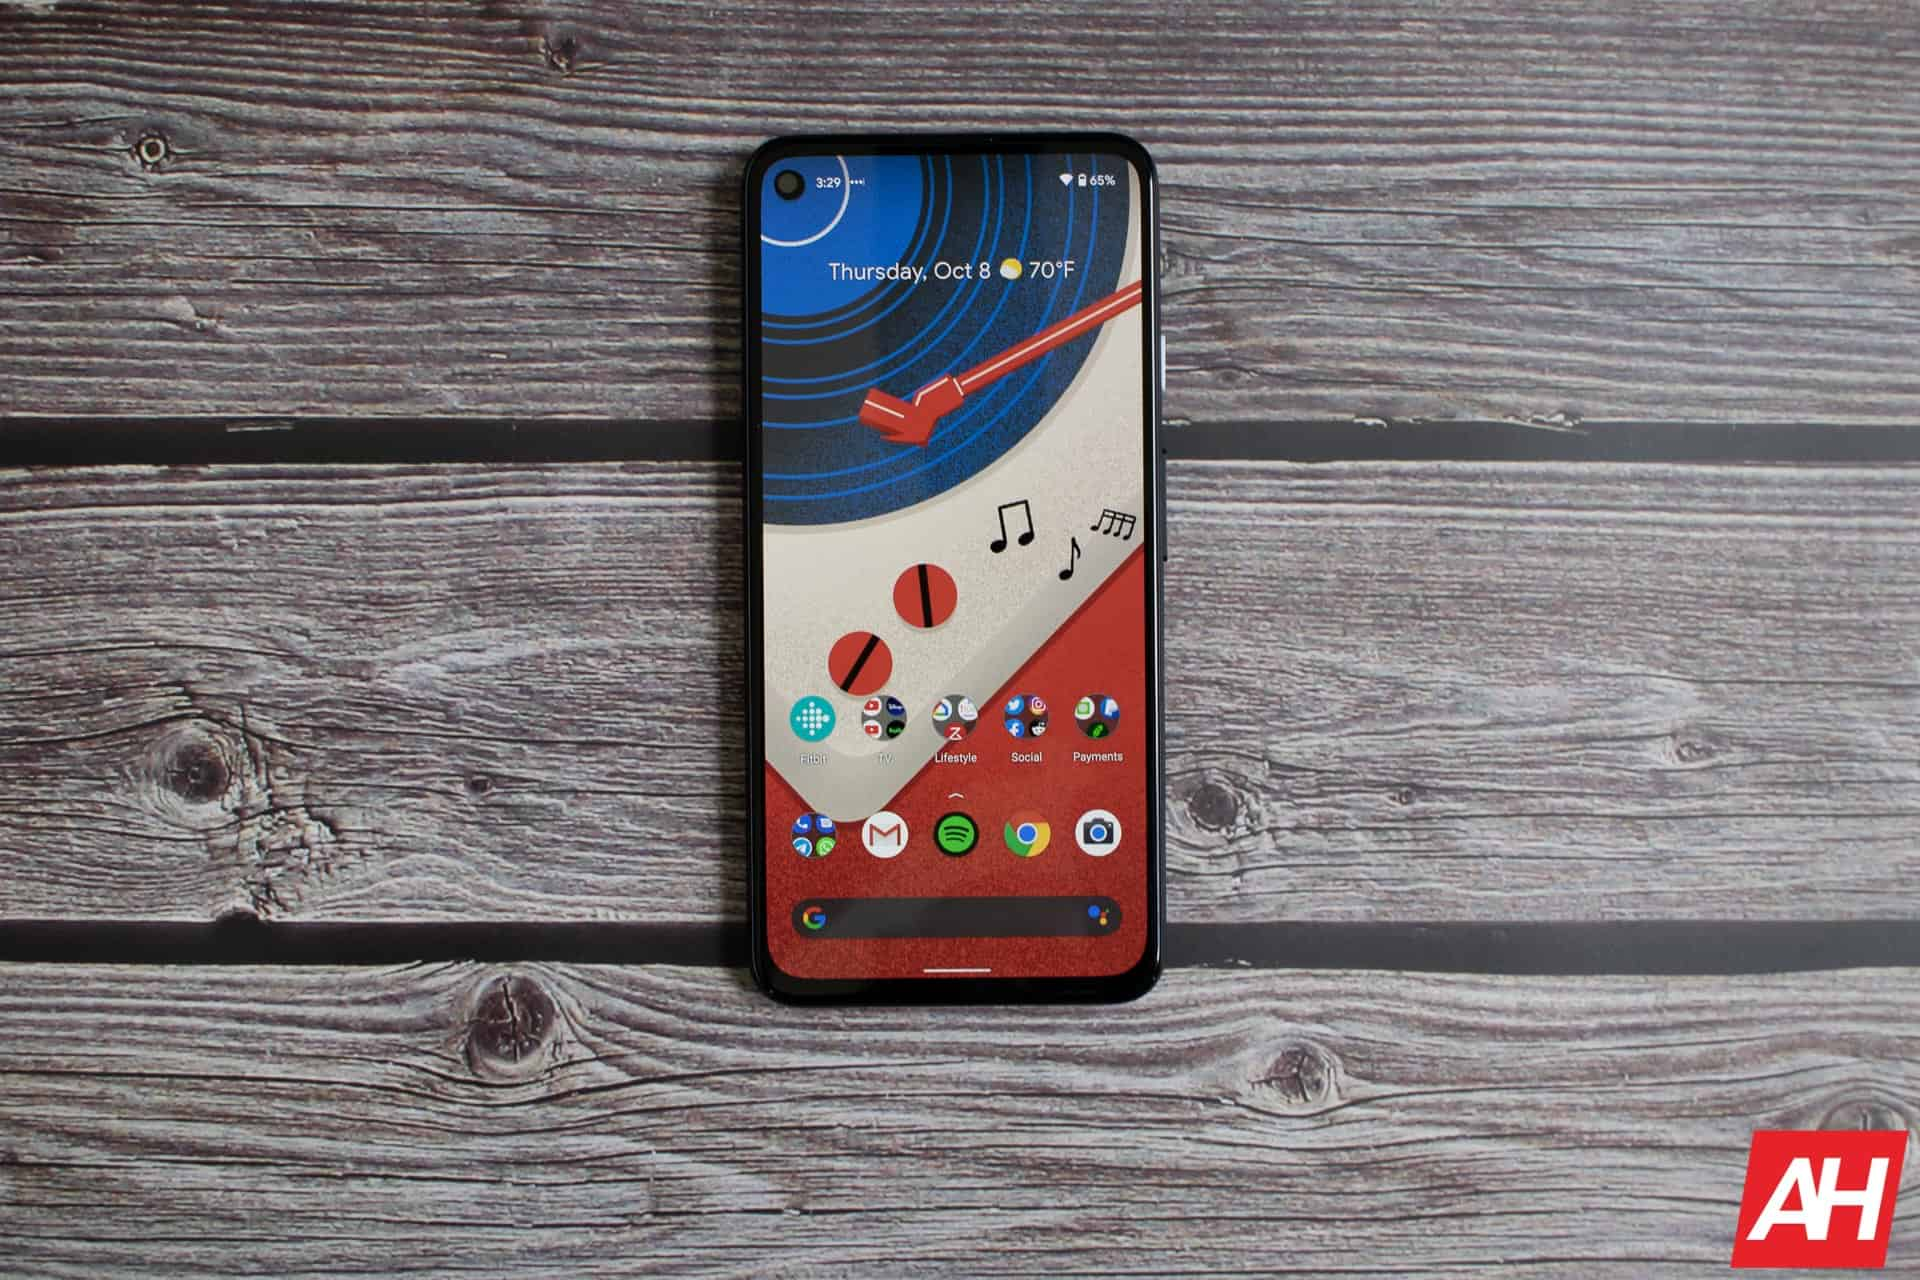 Google Pixel 4a 5G AM AH 6